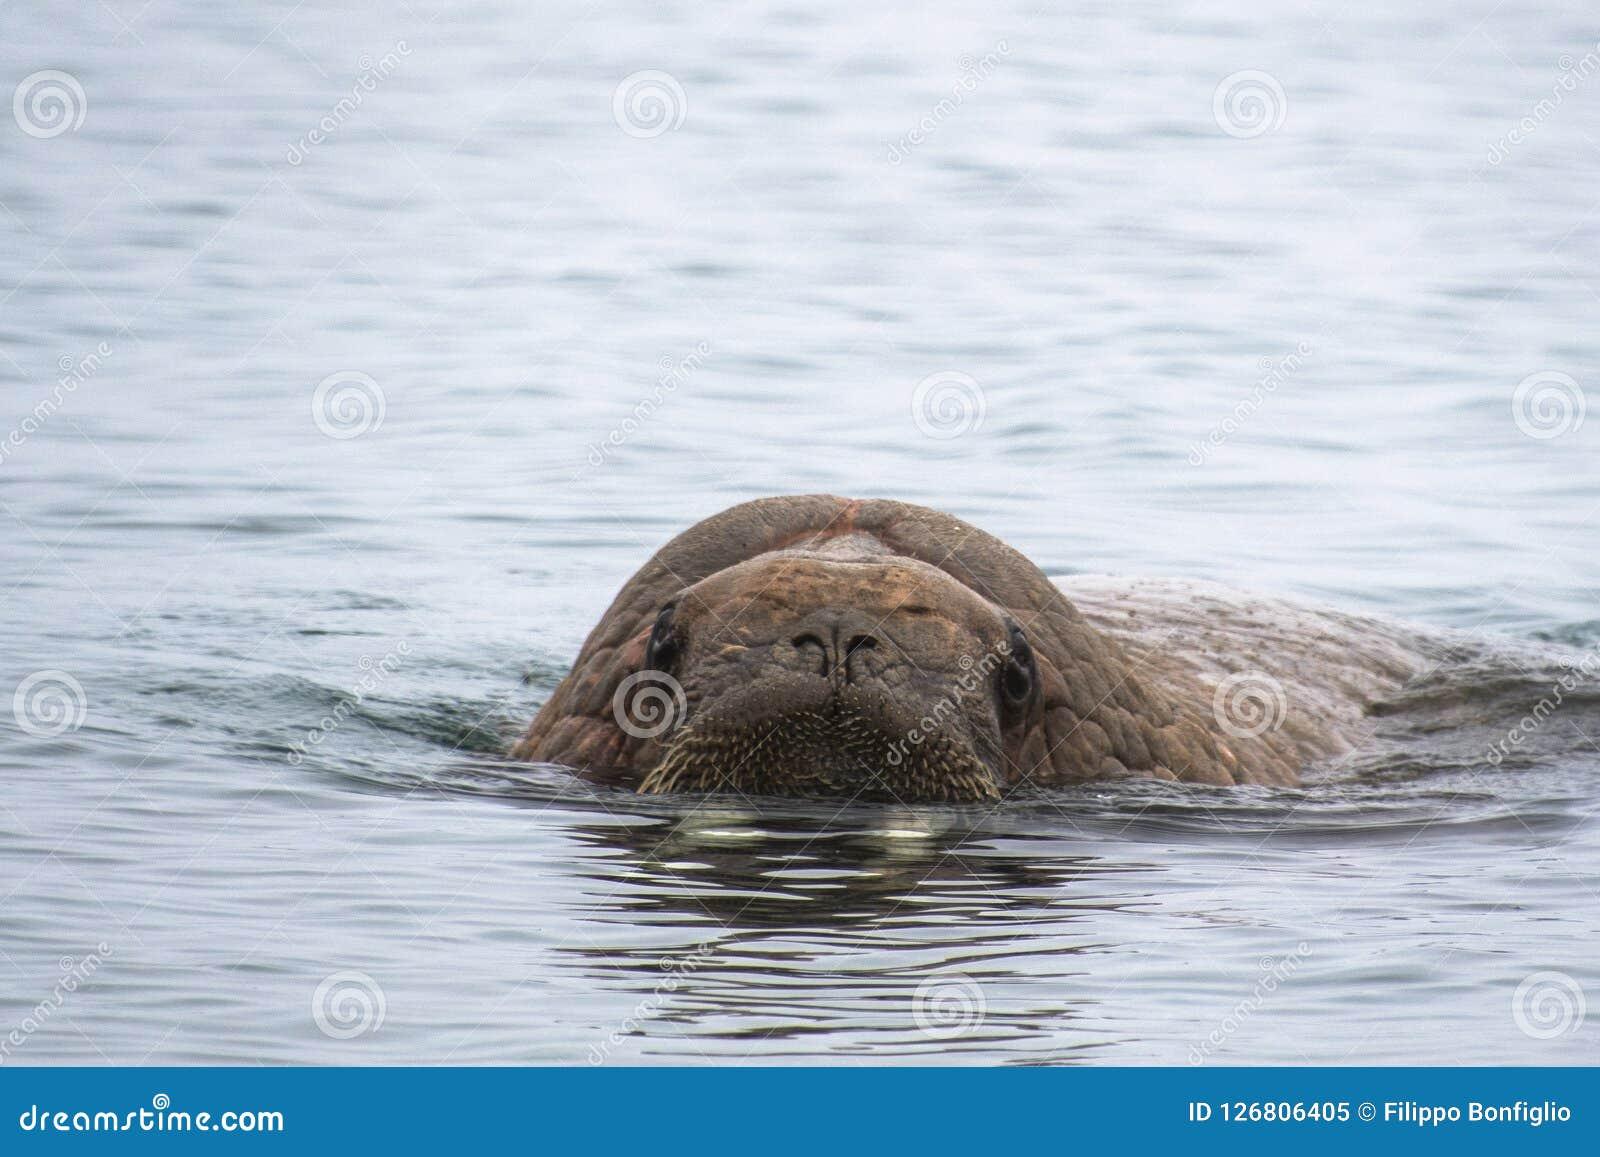 Noordpooleiland Svalbard Noorwegen, Walrus in het koude Water van de Noordpooloceaan